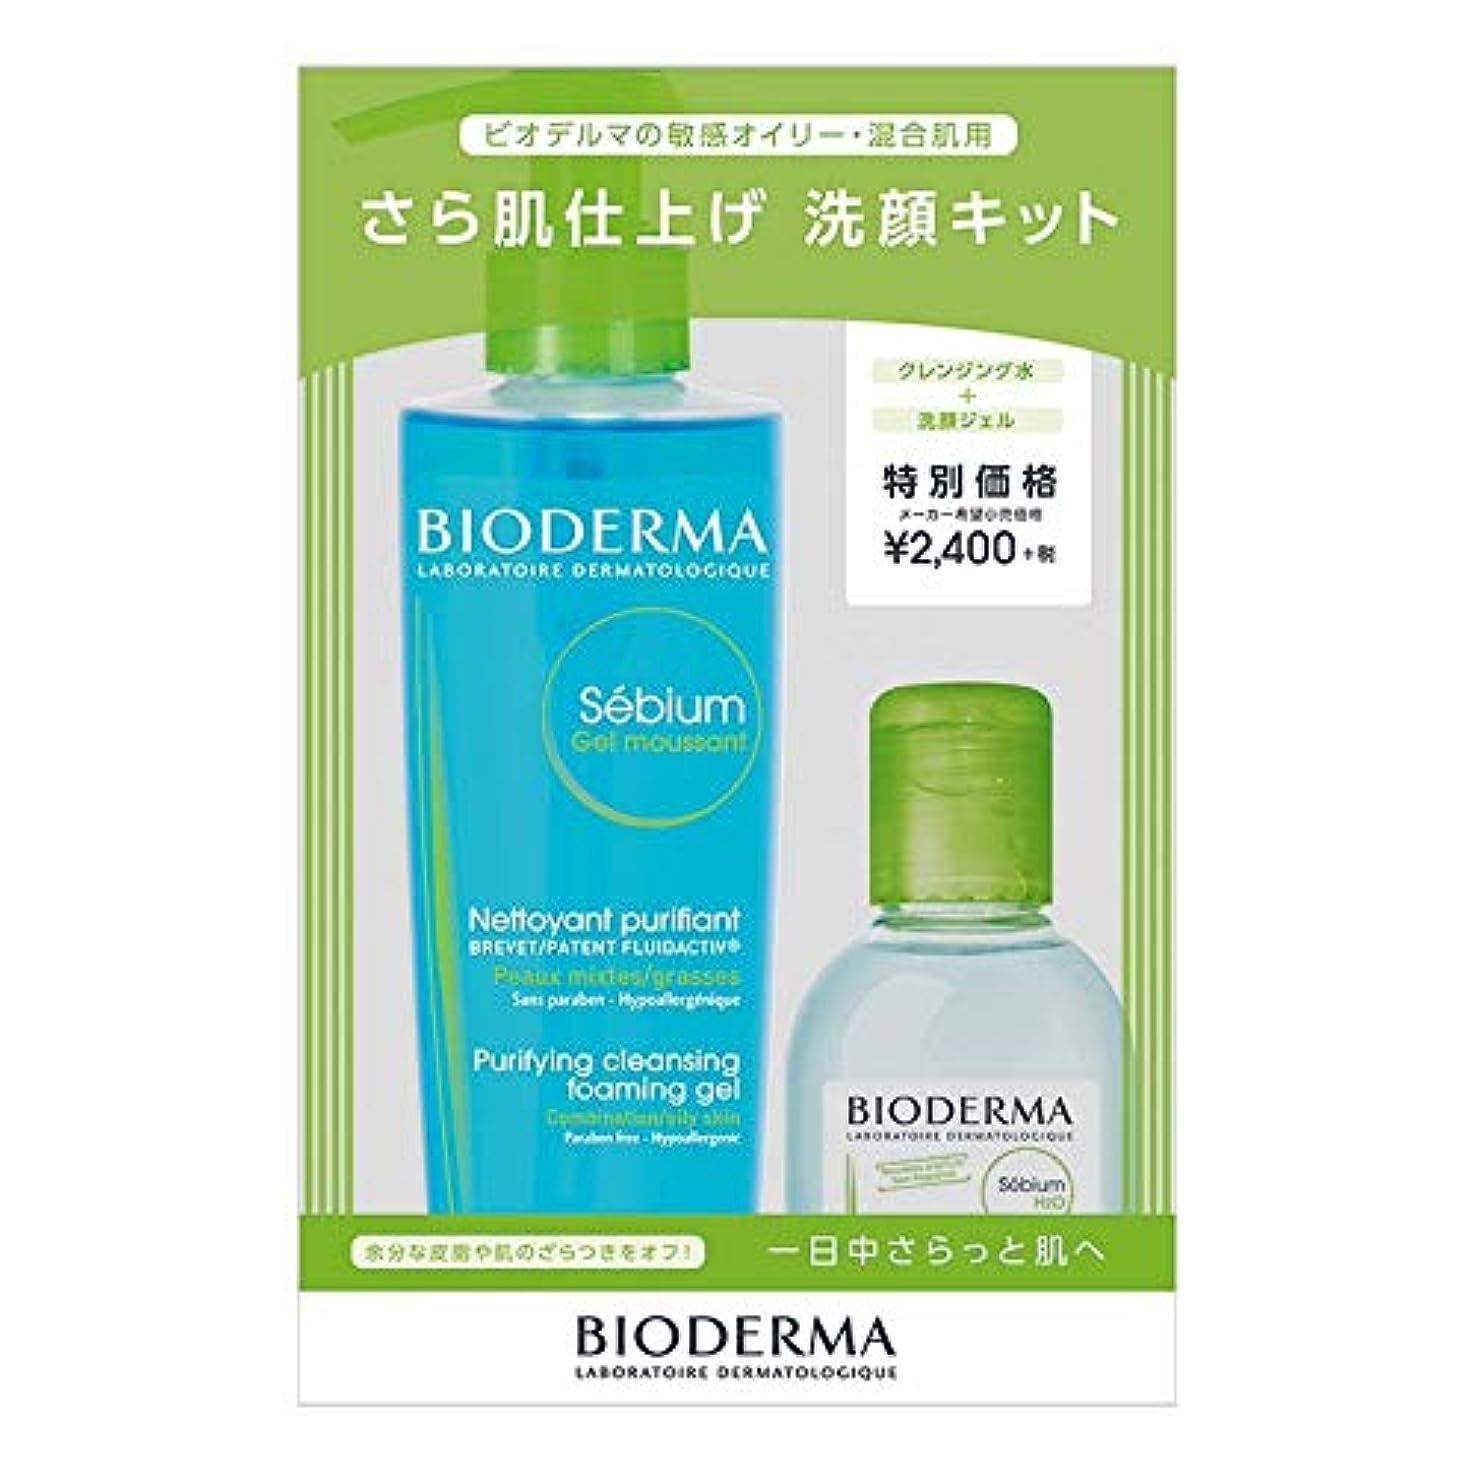 指計画的積極的に【正規品】ビオデルマ セビウム さら肌仕上げ 洗顔キット (セビウム フォーミングウォッシングジェル200g+セビウム エイチツーオー D 100mL)